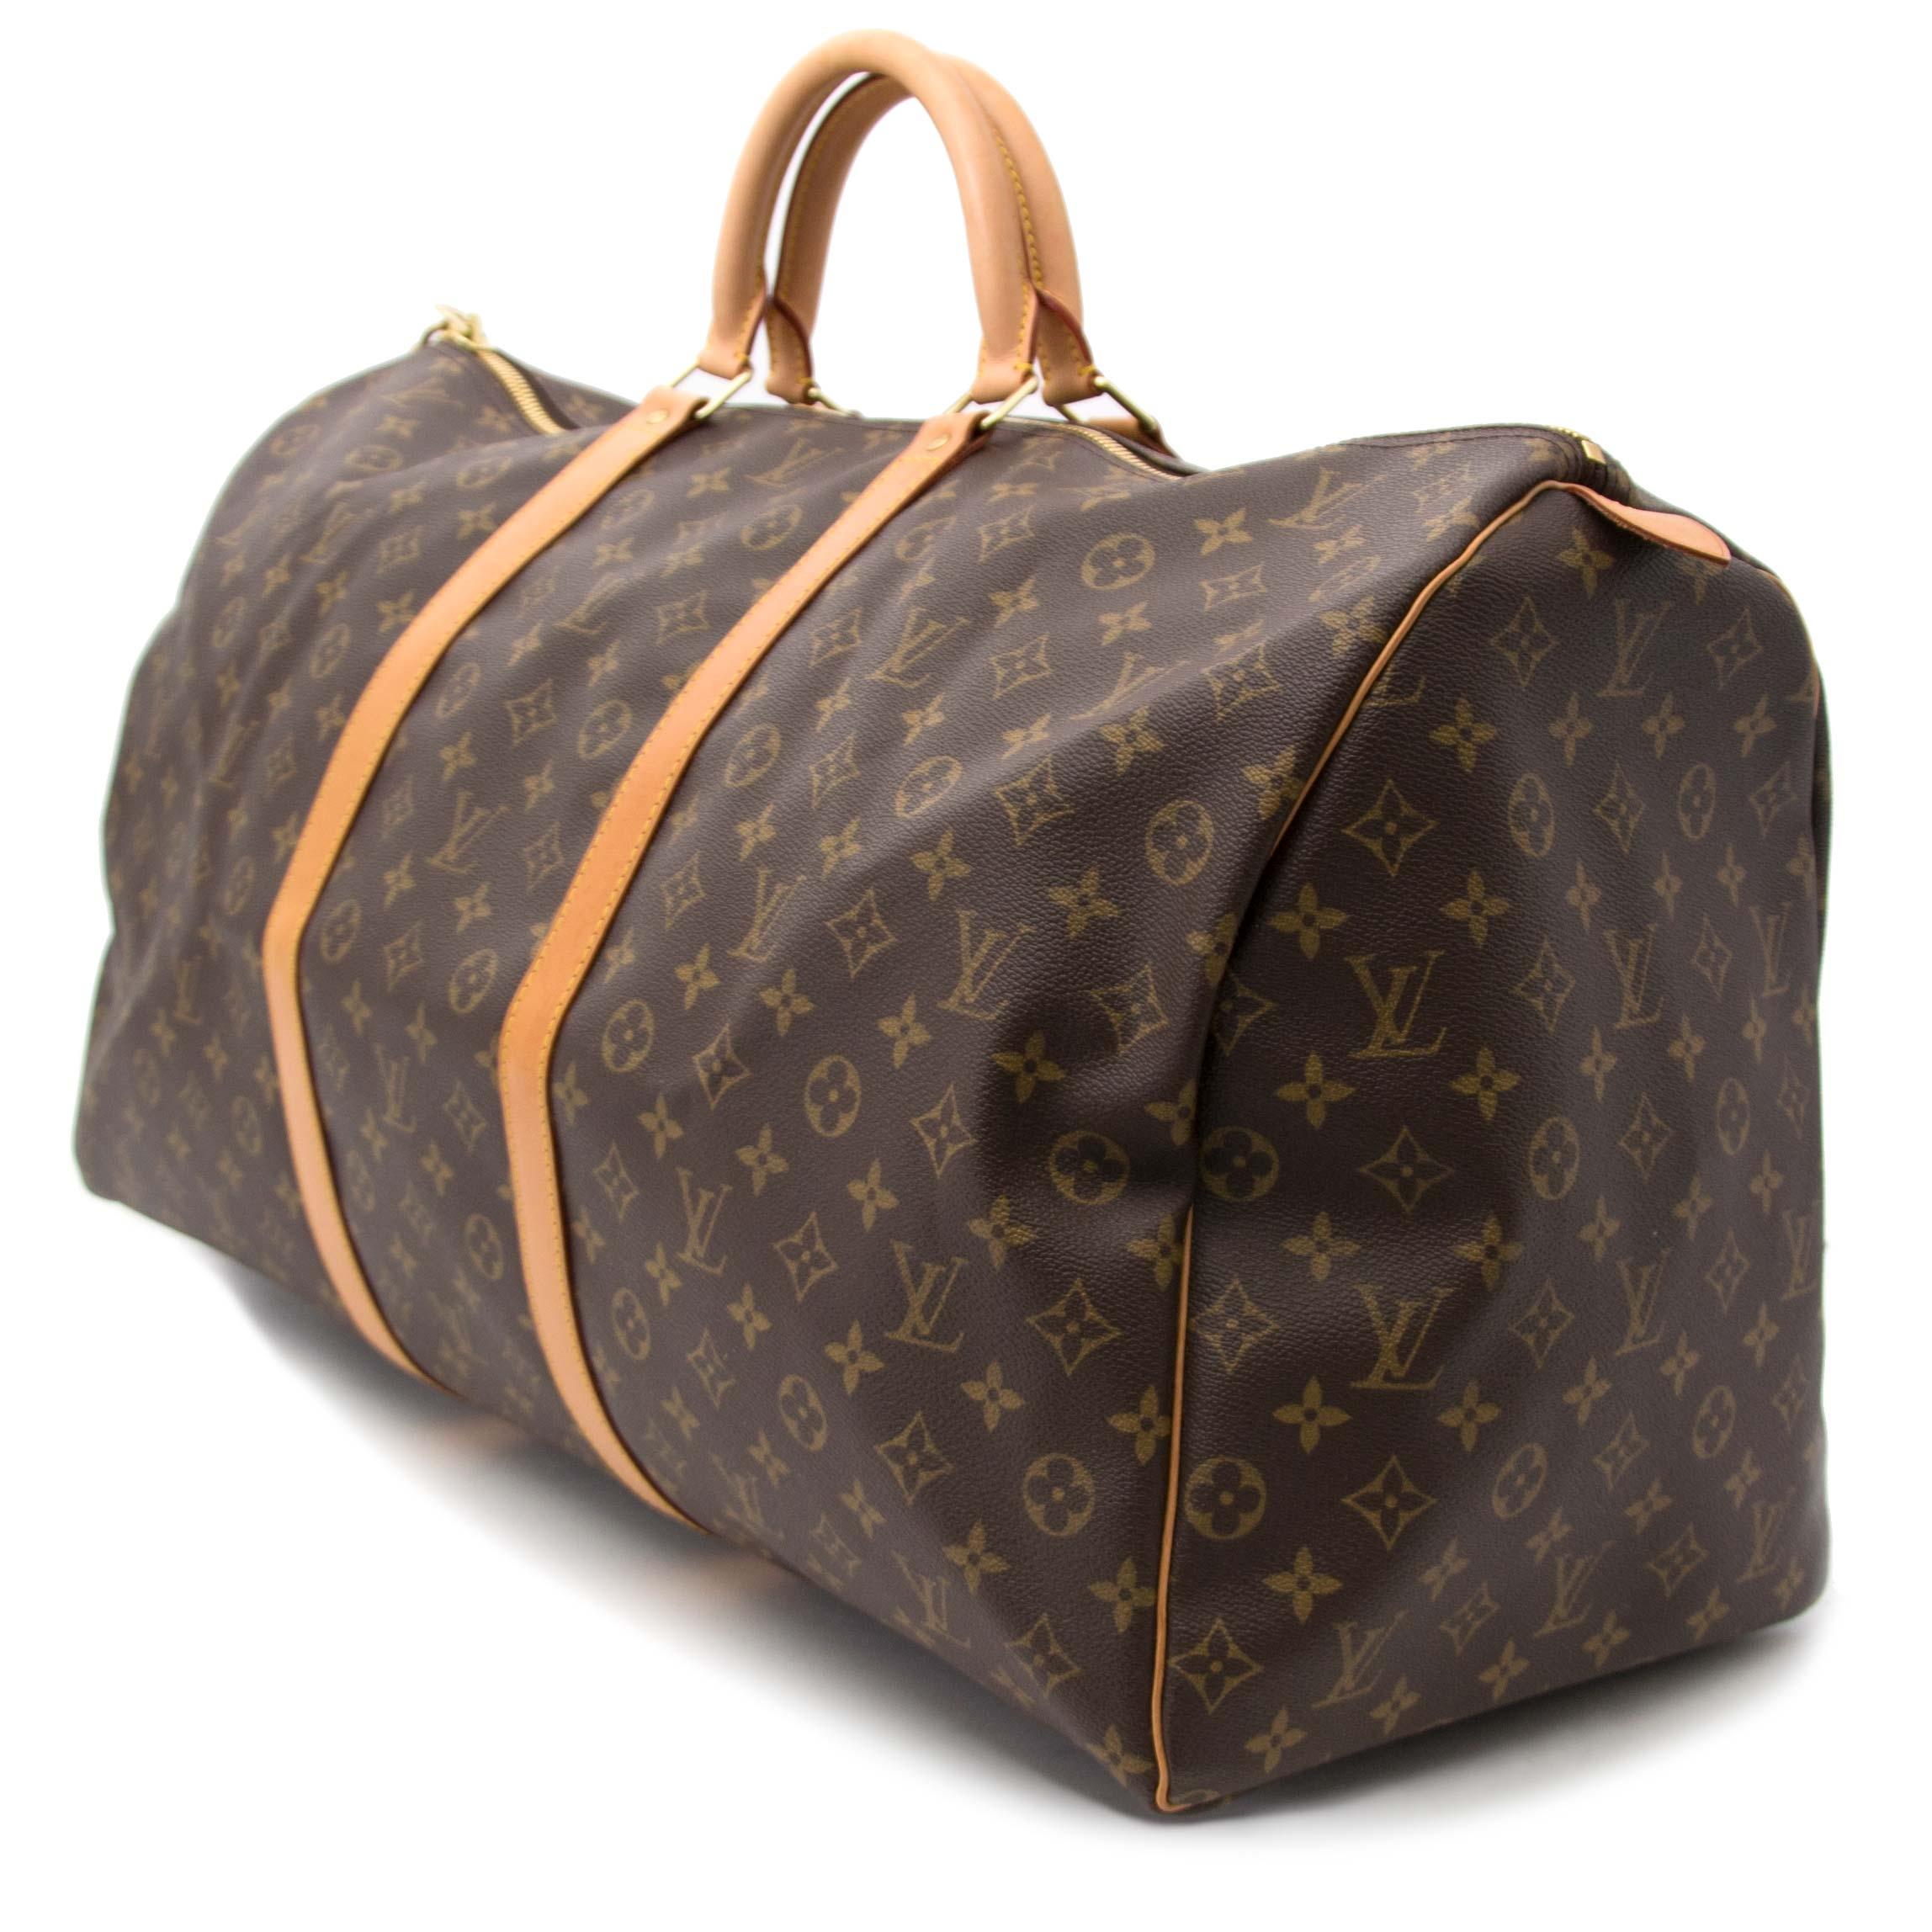 Louis Vuitton Keepall 60 Monogram Travel Bag koop veilig online tegen de beste prijs